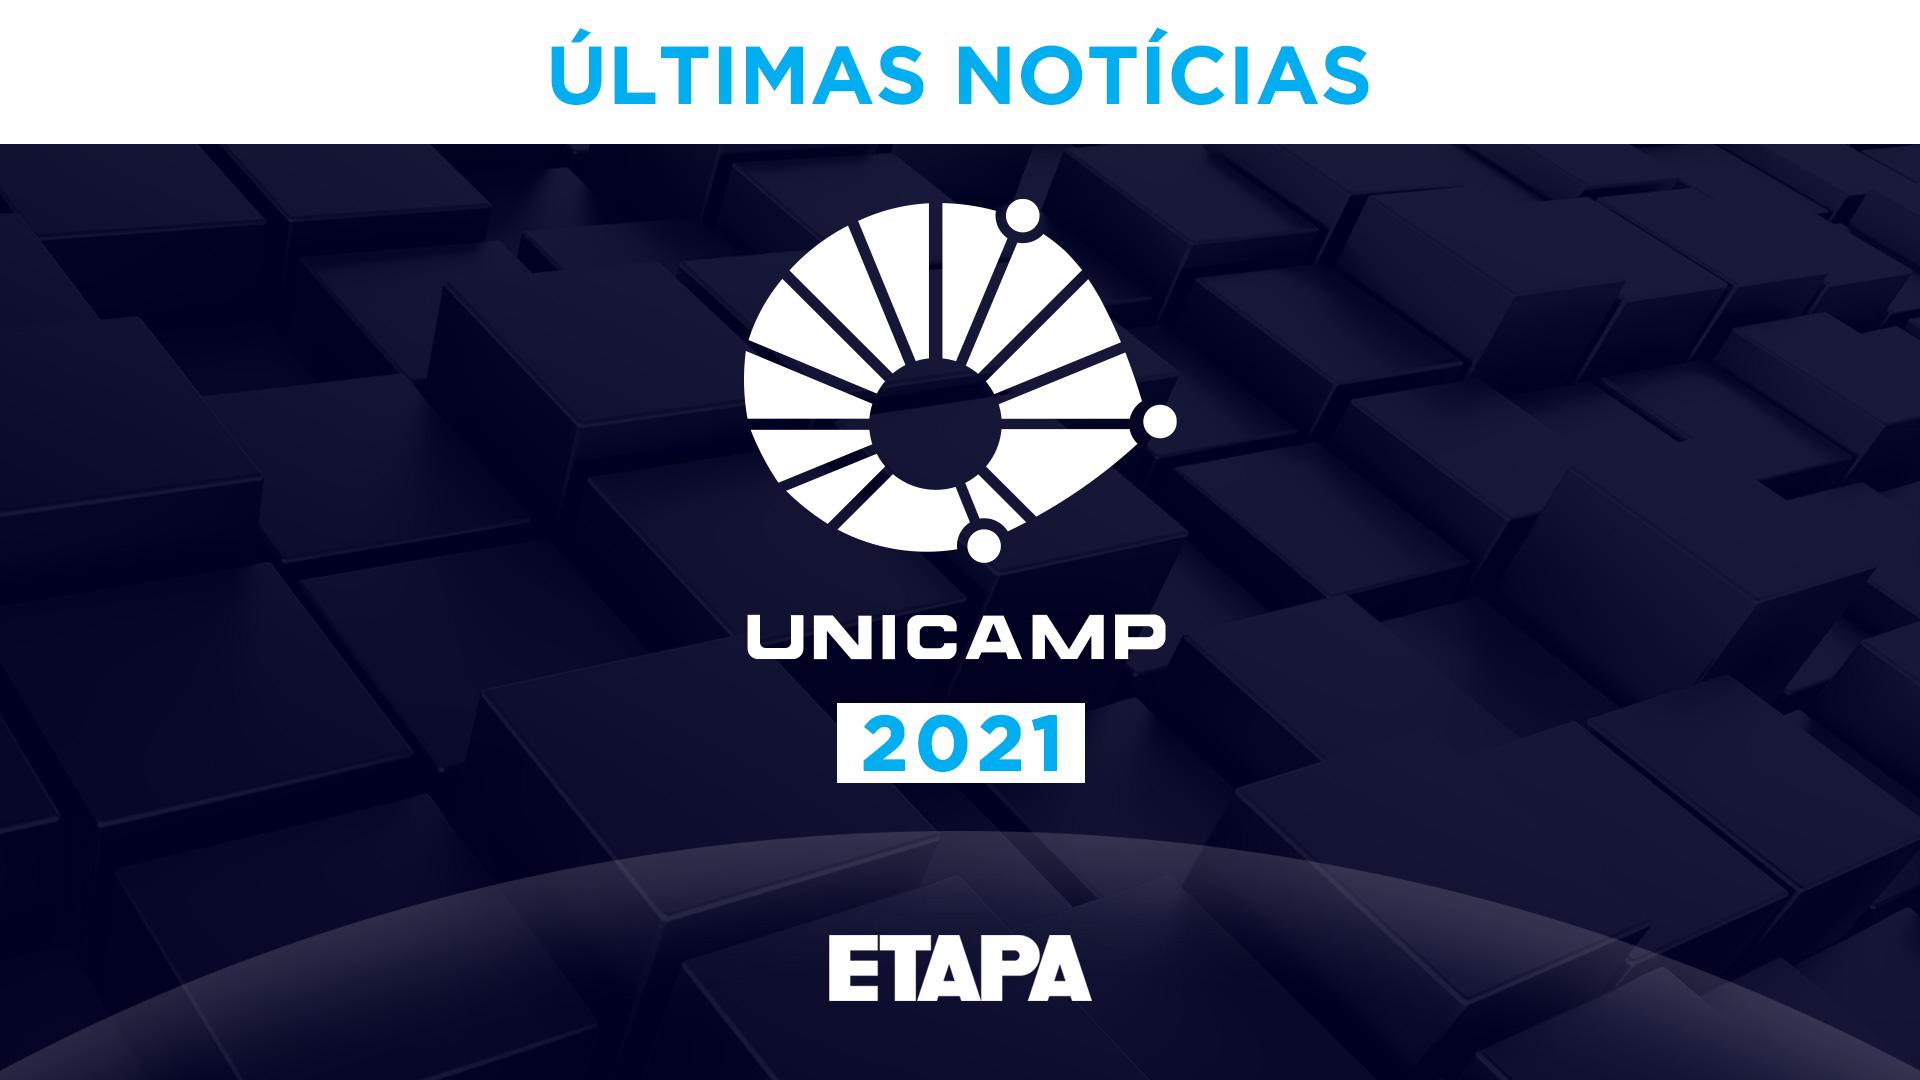 Os estudantes que estão na lista de aprovados na Unicamp 2021 devem fazer a matrícula virtual para garantir a vaga.